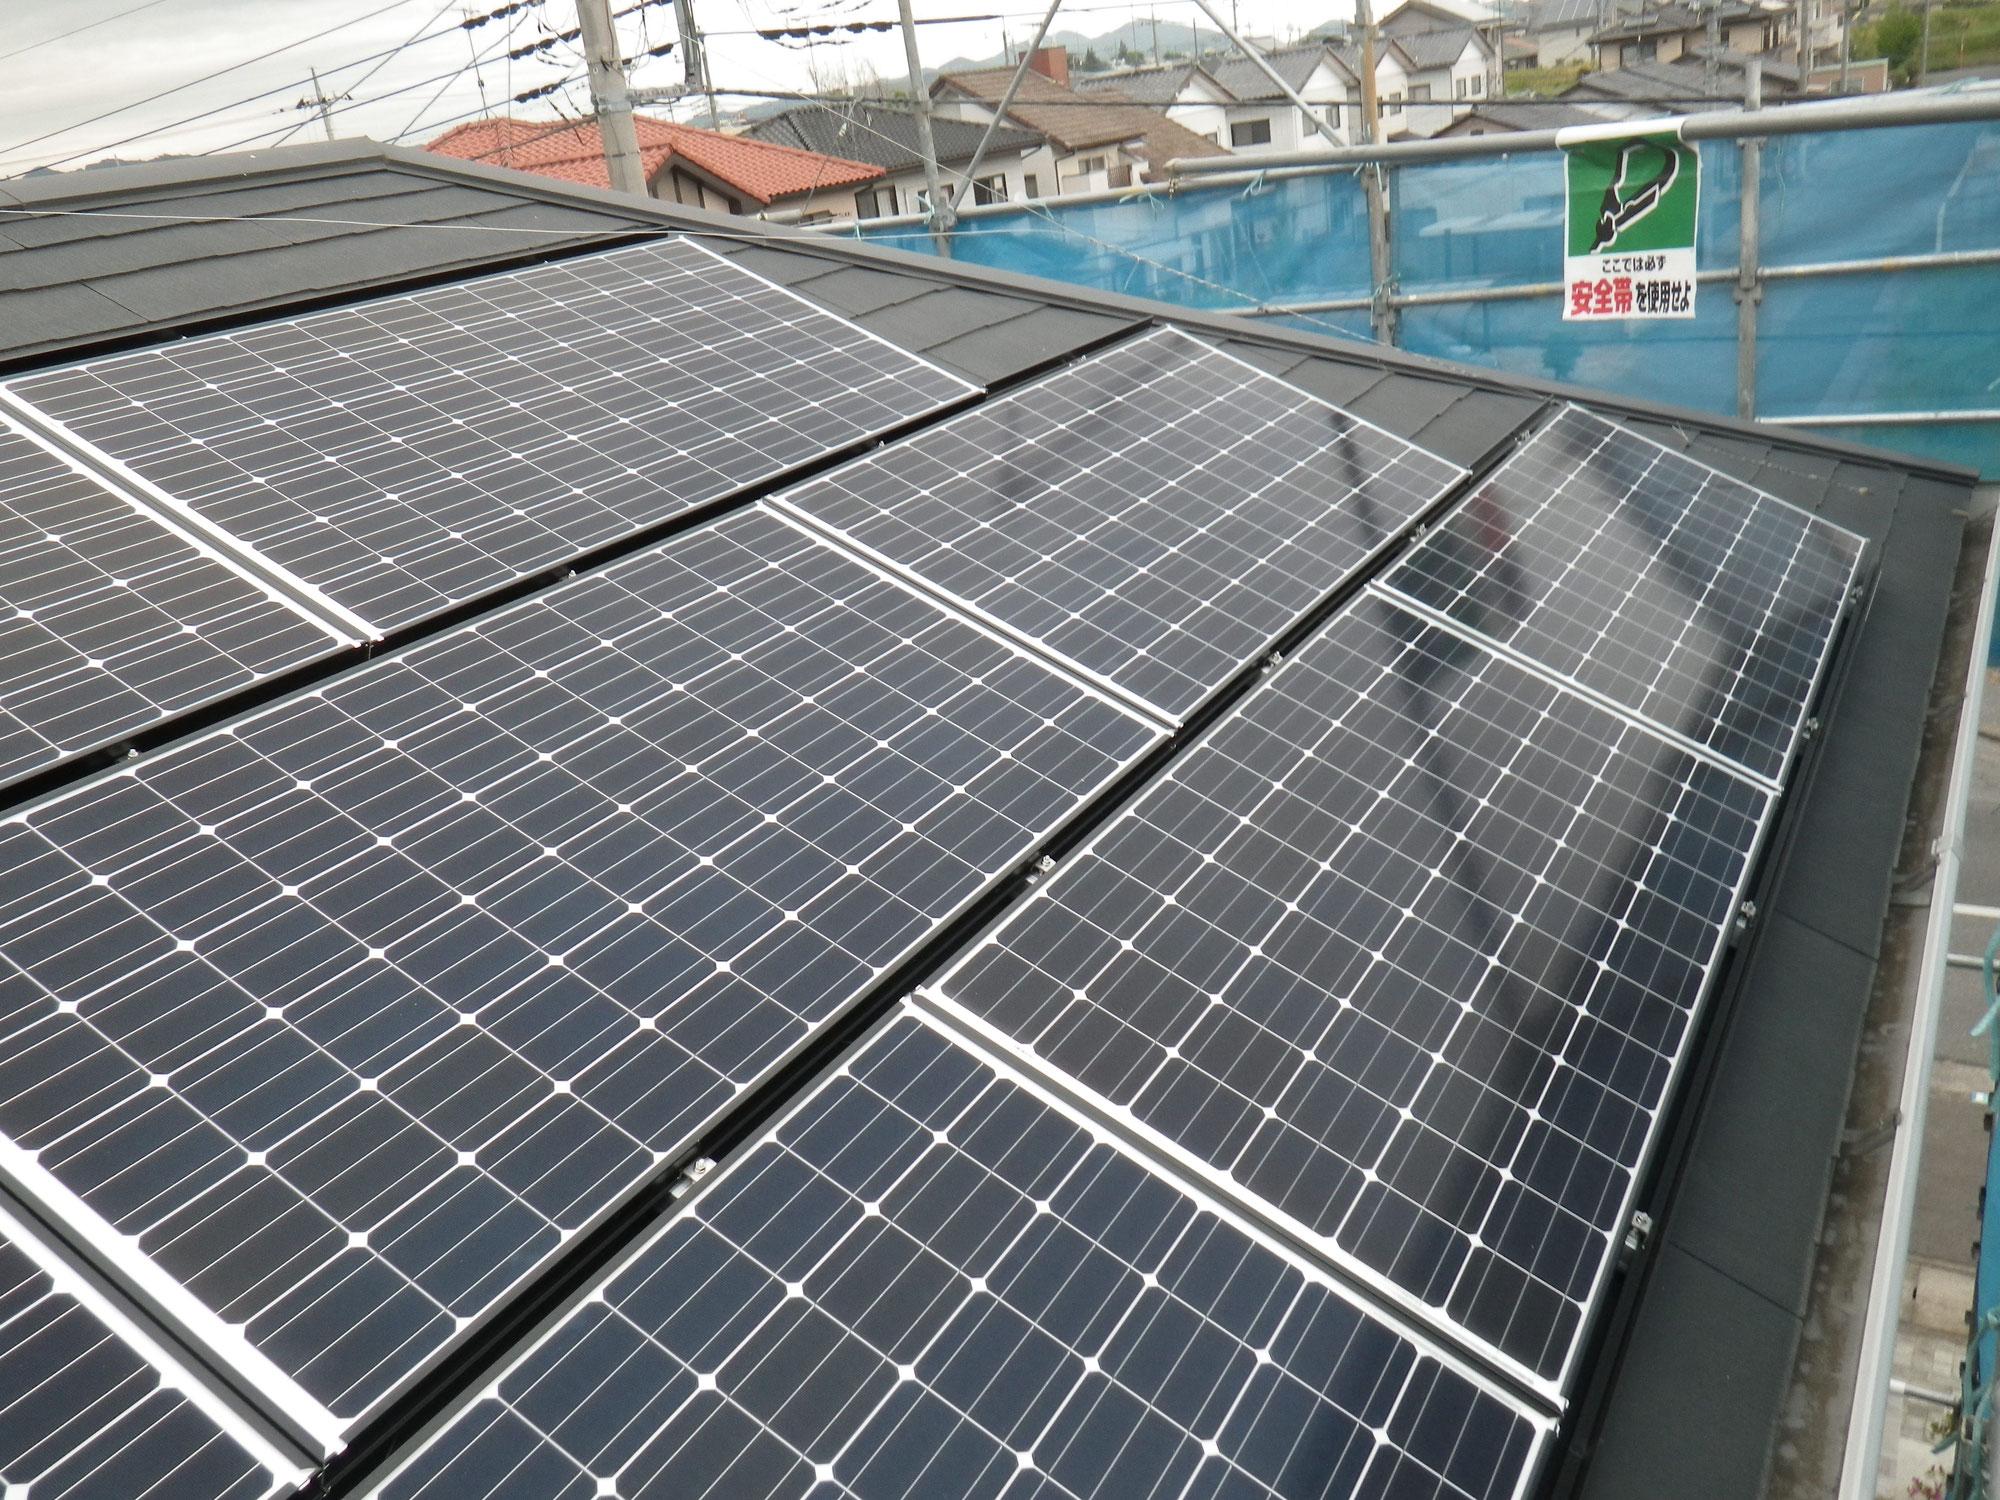 薄型スレート屋根への太陽光発電システム設置工事を行いました。in日光市